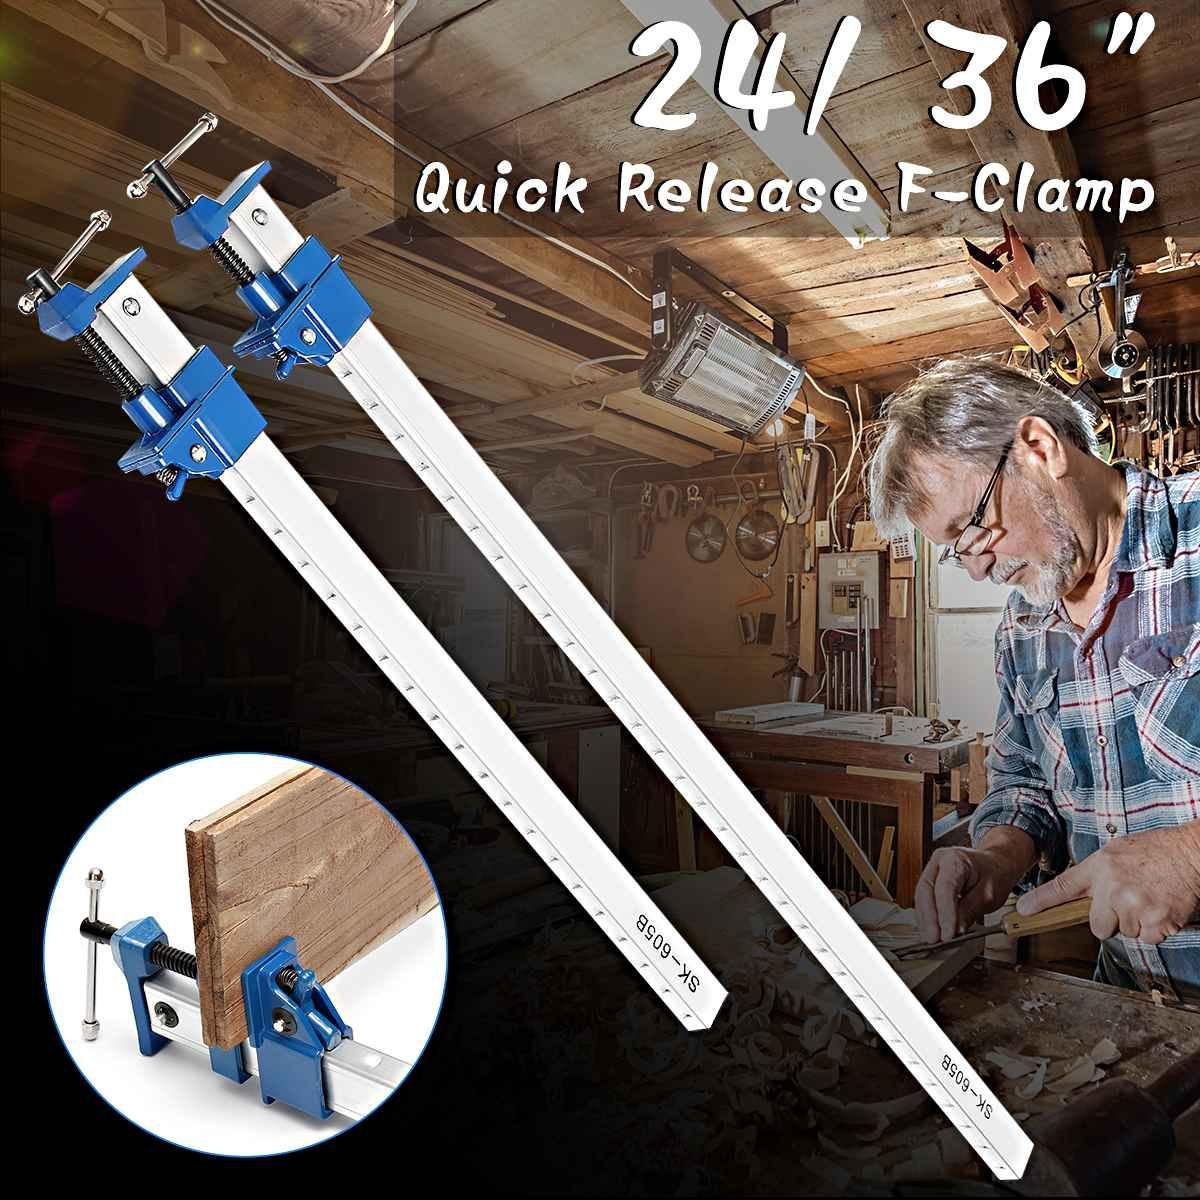 Aletler'ten El Aleti Setleri'de 24/36 inç DIY Geavy Duty F kelepçe T bar ağaç İşleme hızlı kelepçe kemer uzun çekmece masaüstü ahşap saplı el aletleri title=